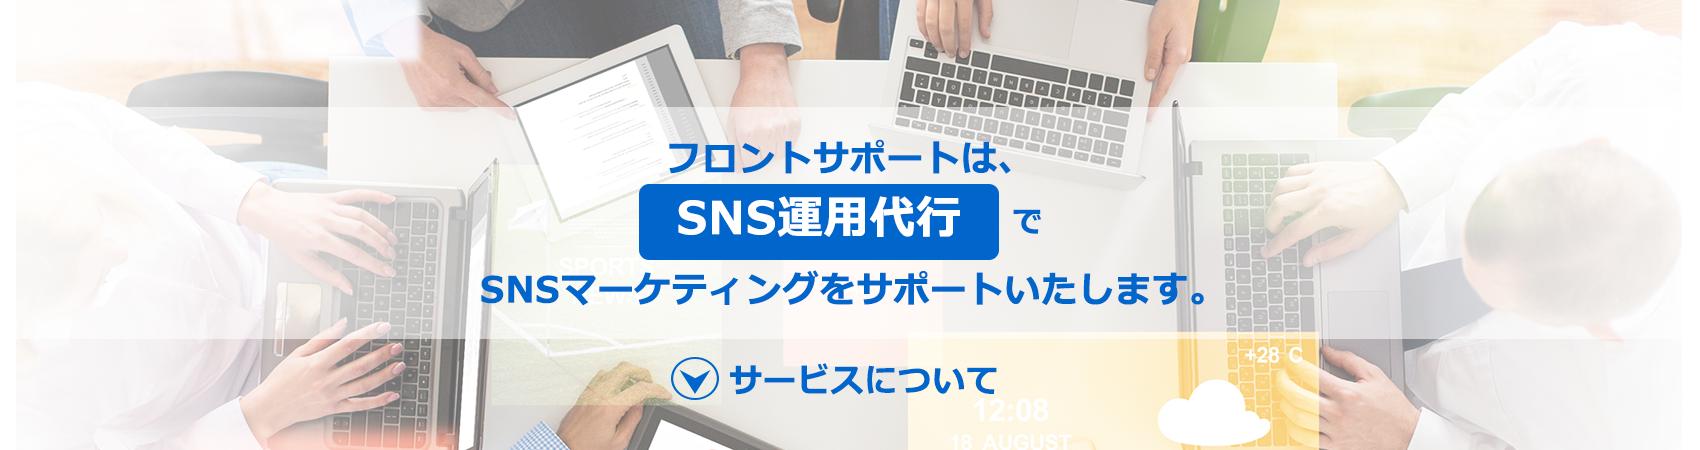 フロントサポートは、SNS運用代行でSNSマーケティングをサポートいたします。